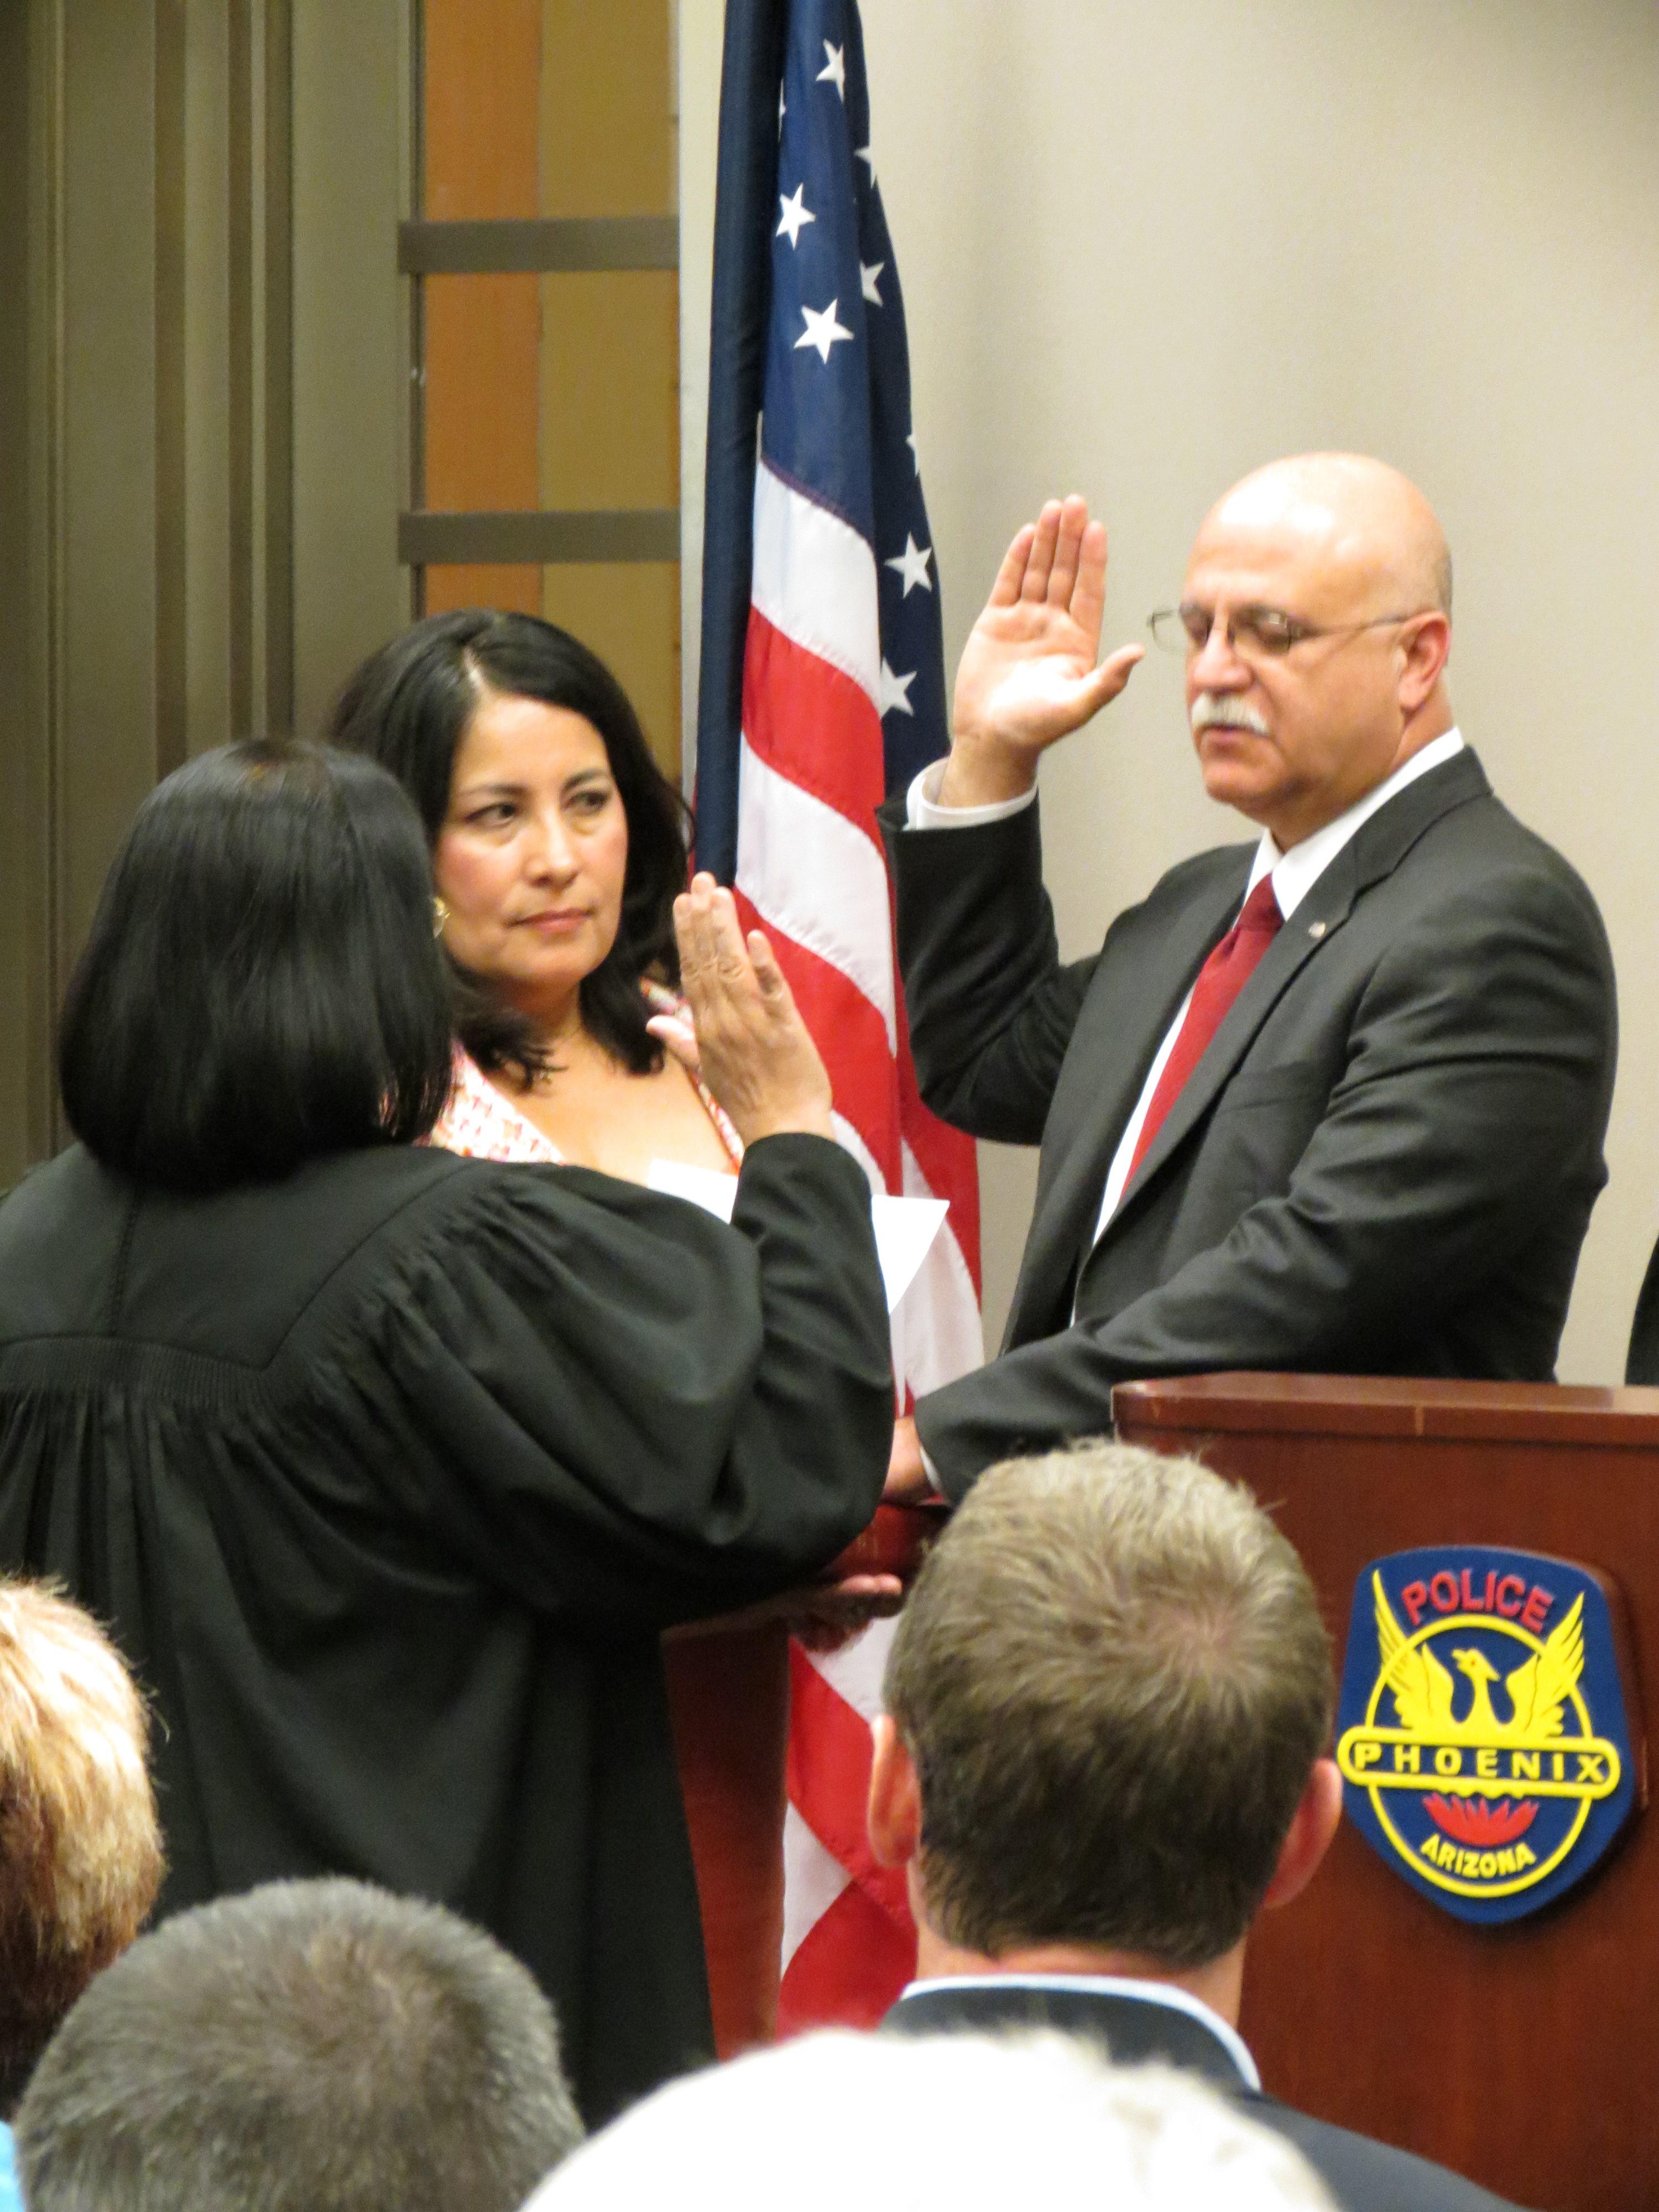 New Phoenix Police Chief Daniel Garcia